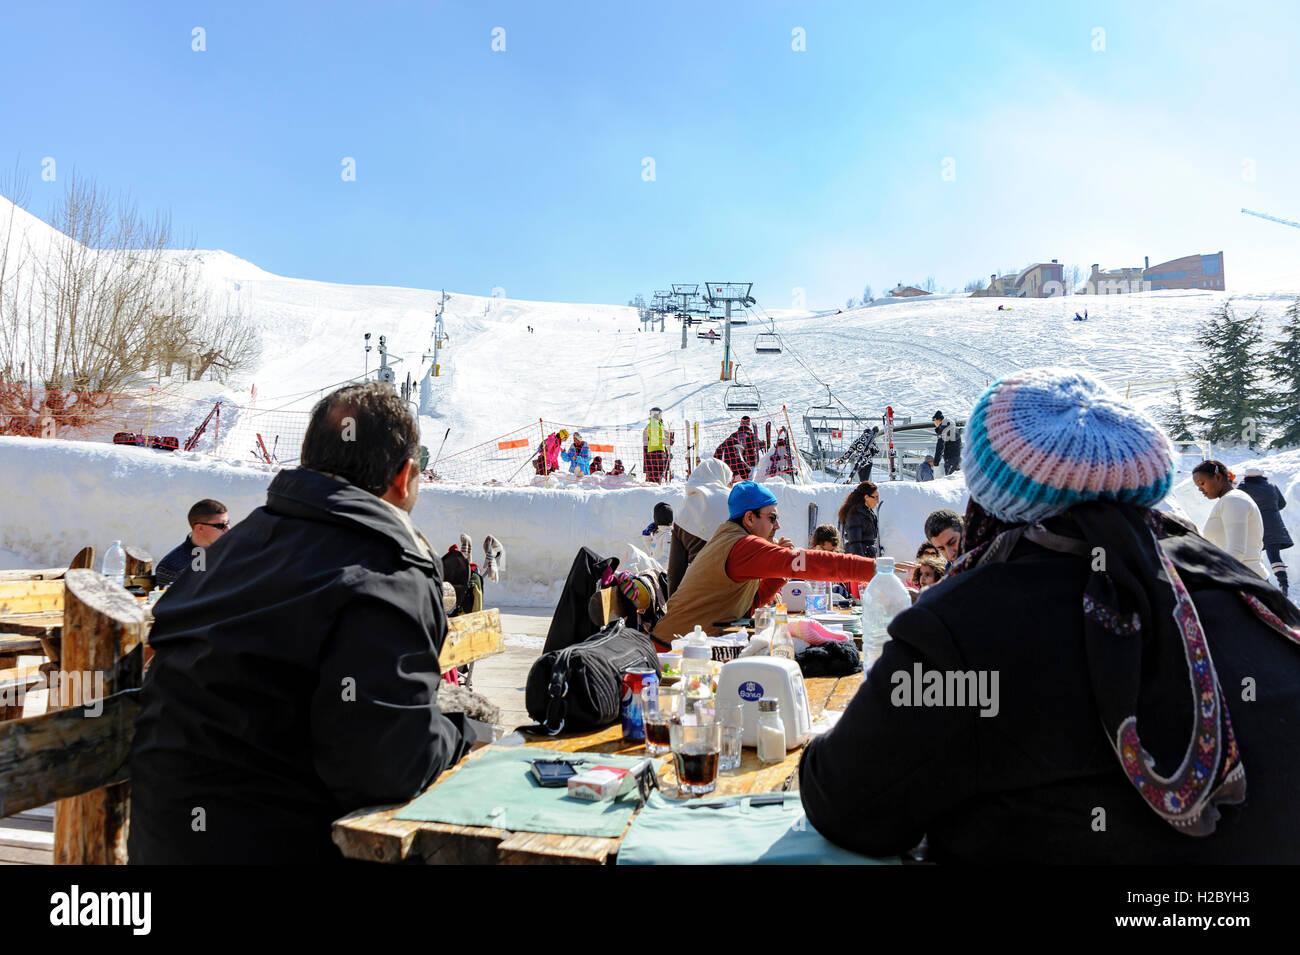 Les gens de manger et de regarder les autres faire du ski à Mzaar Kfardebian (ex-Faraya) Station de ski, au Photo Stock